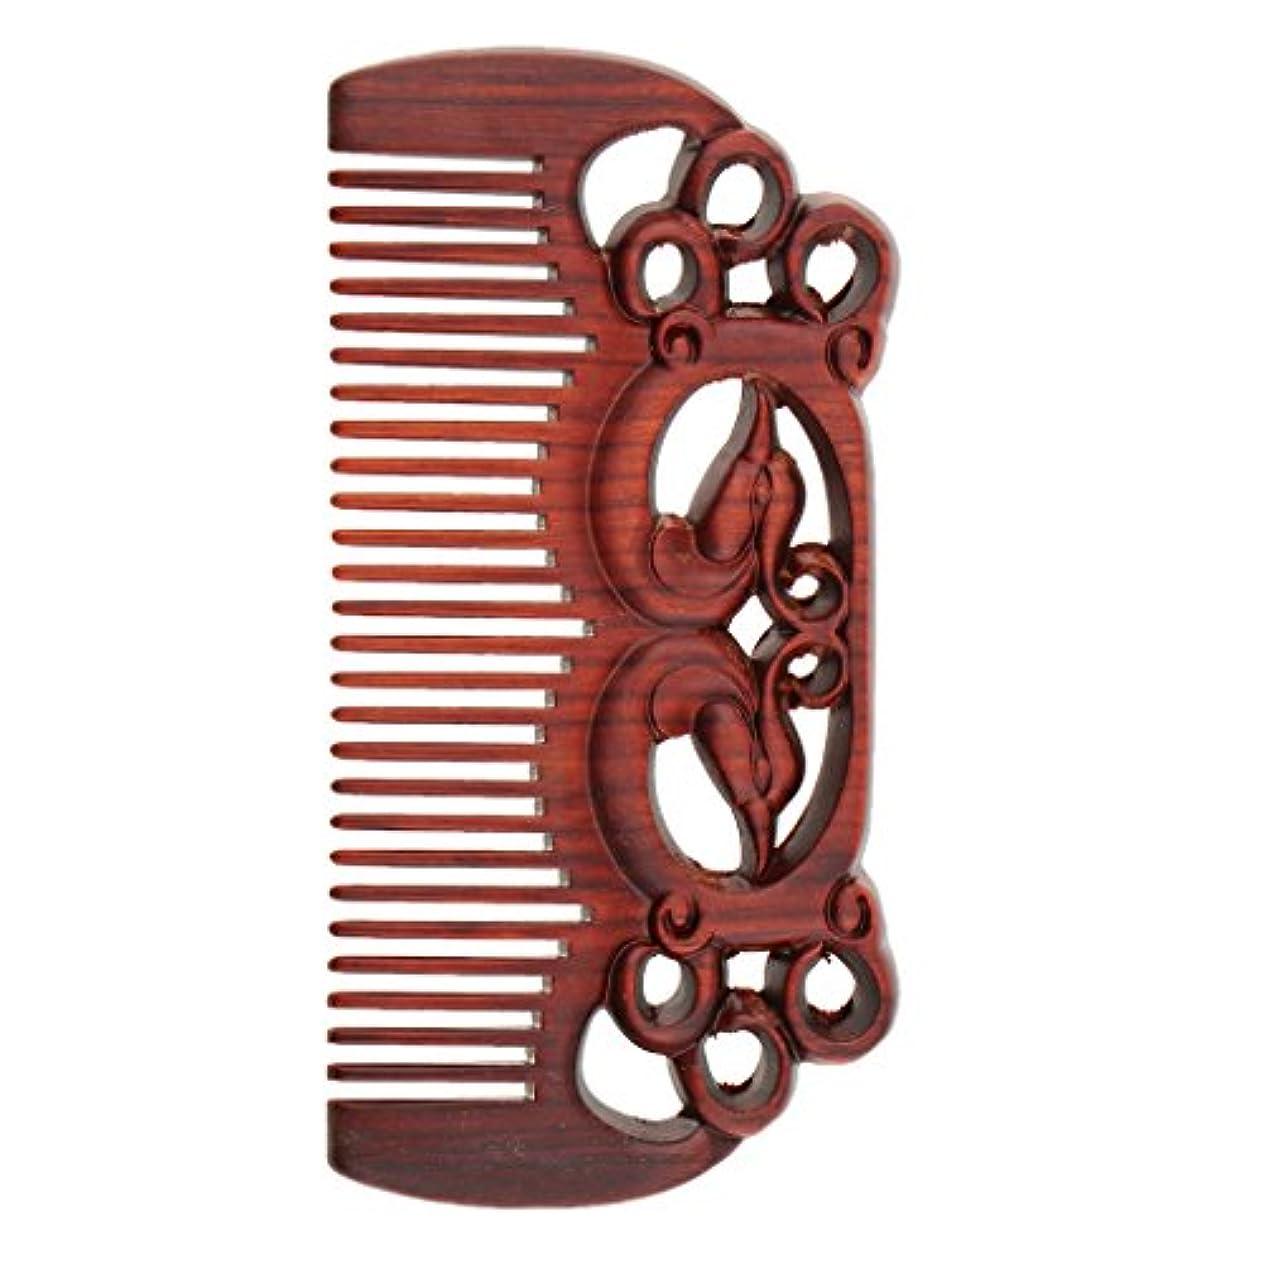 出発する役に立つパーフェルビッドPerfeclan ウッドコーム 天然木製 高品質 木製櫛 ワイド歯 ヘアブラシ ヘアスタイリング ヘアコーム 2タイプ選べる - #1